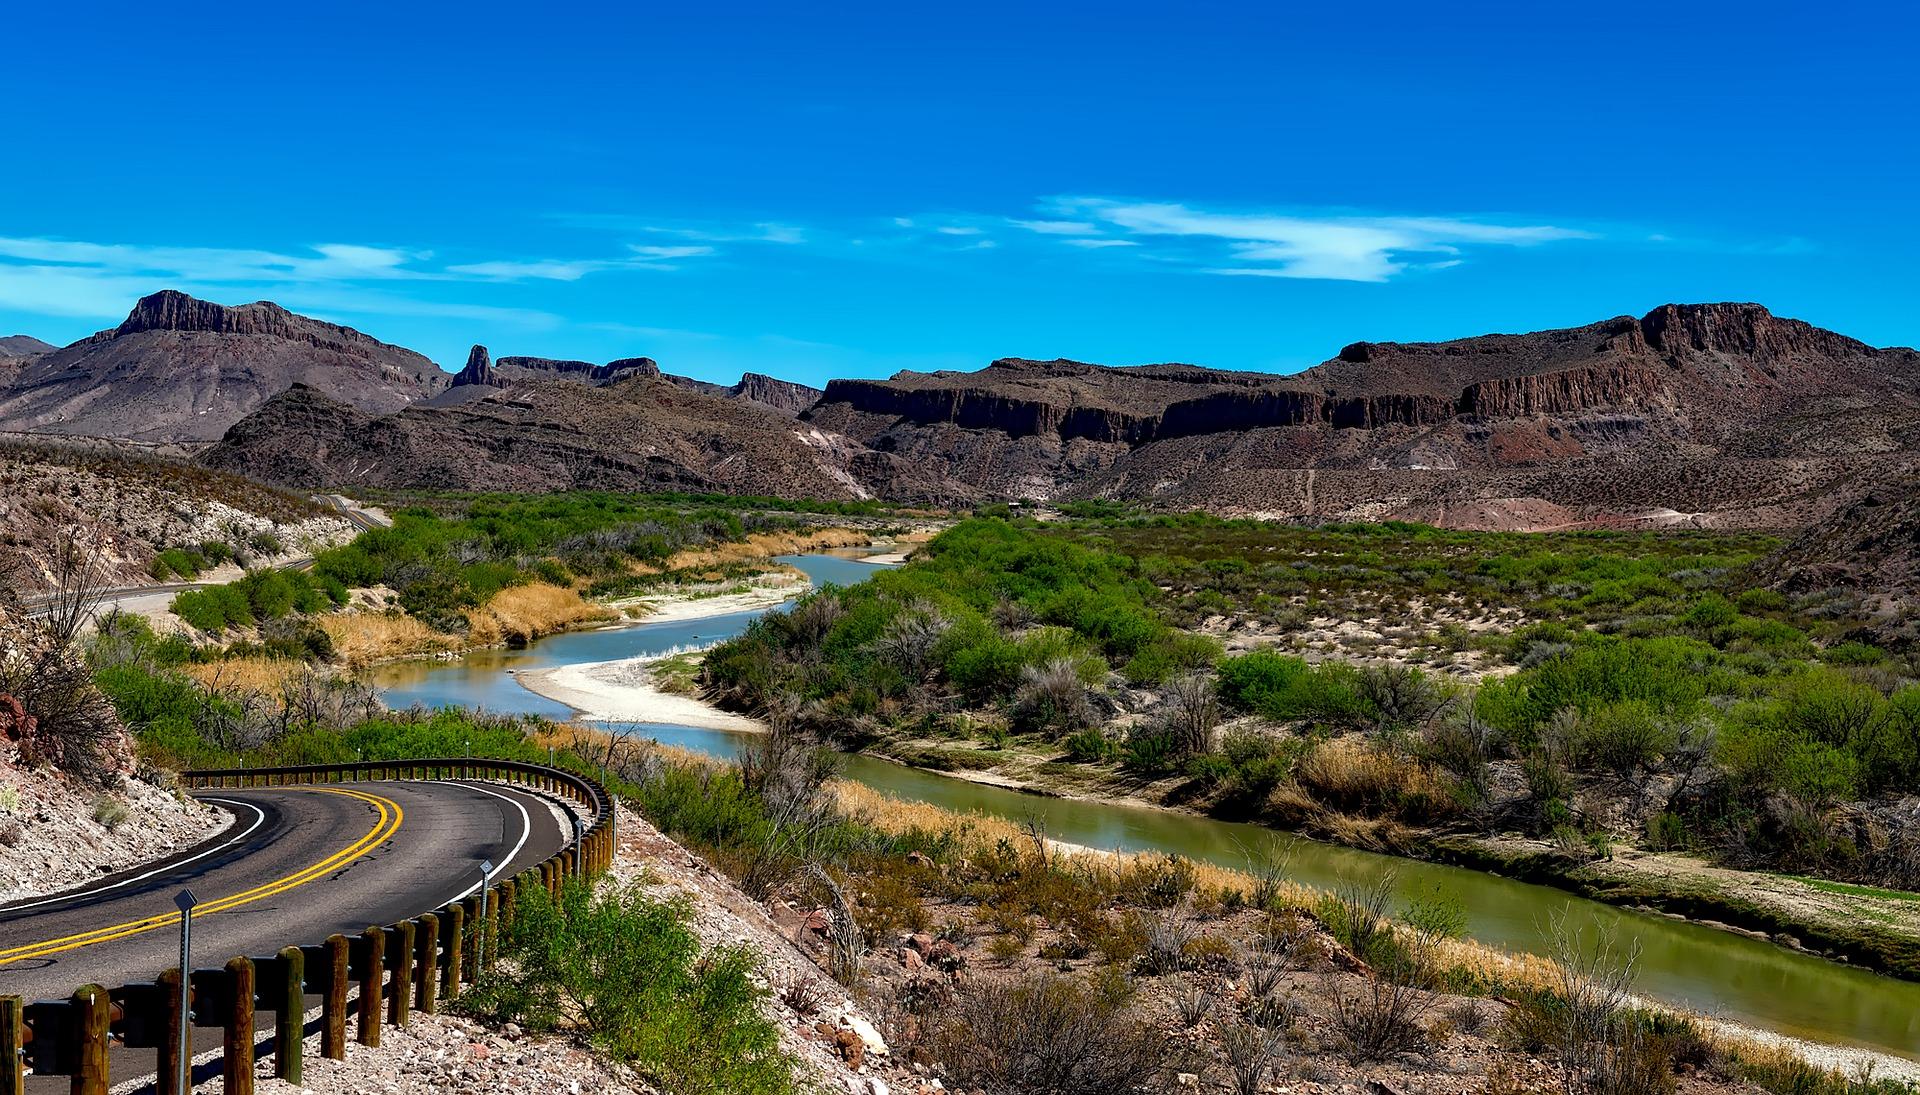 Water in the Economy: Rio Grande/Río Bravo